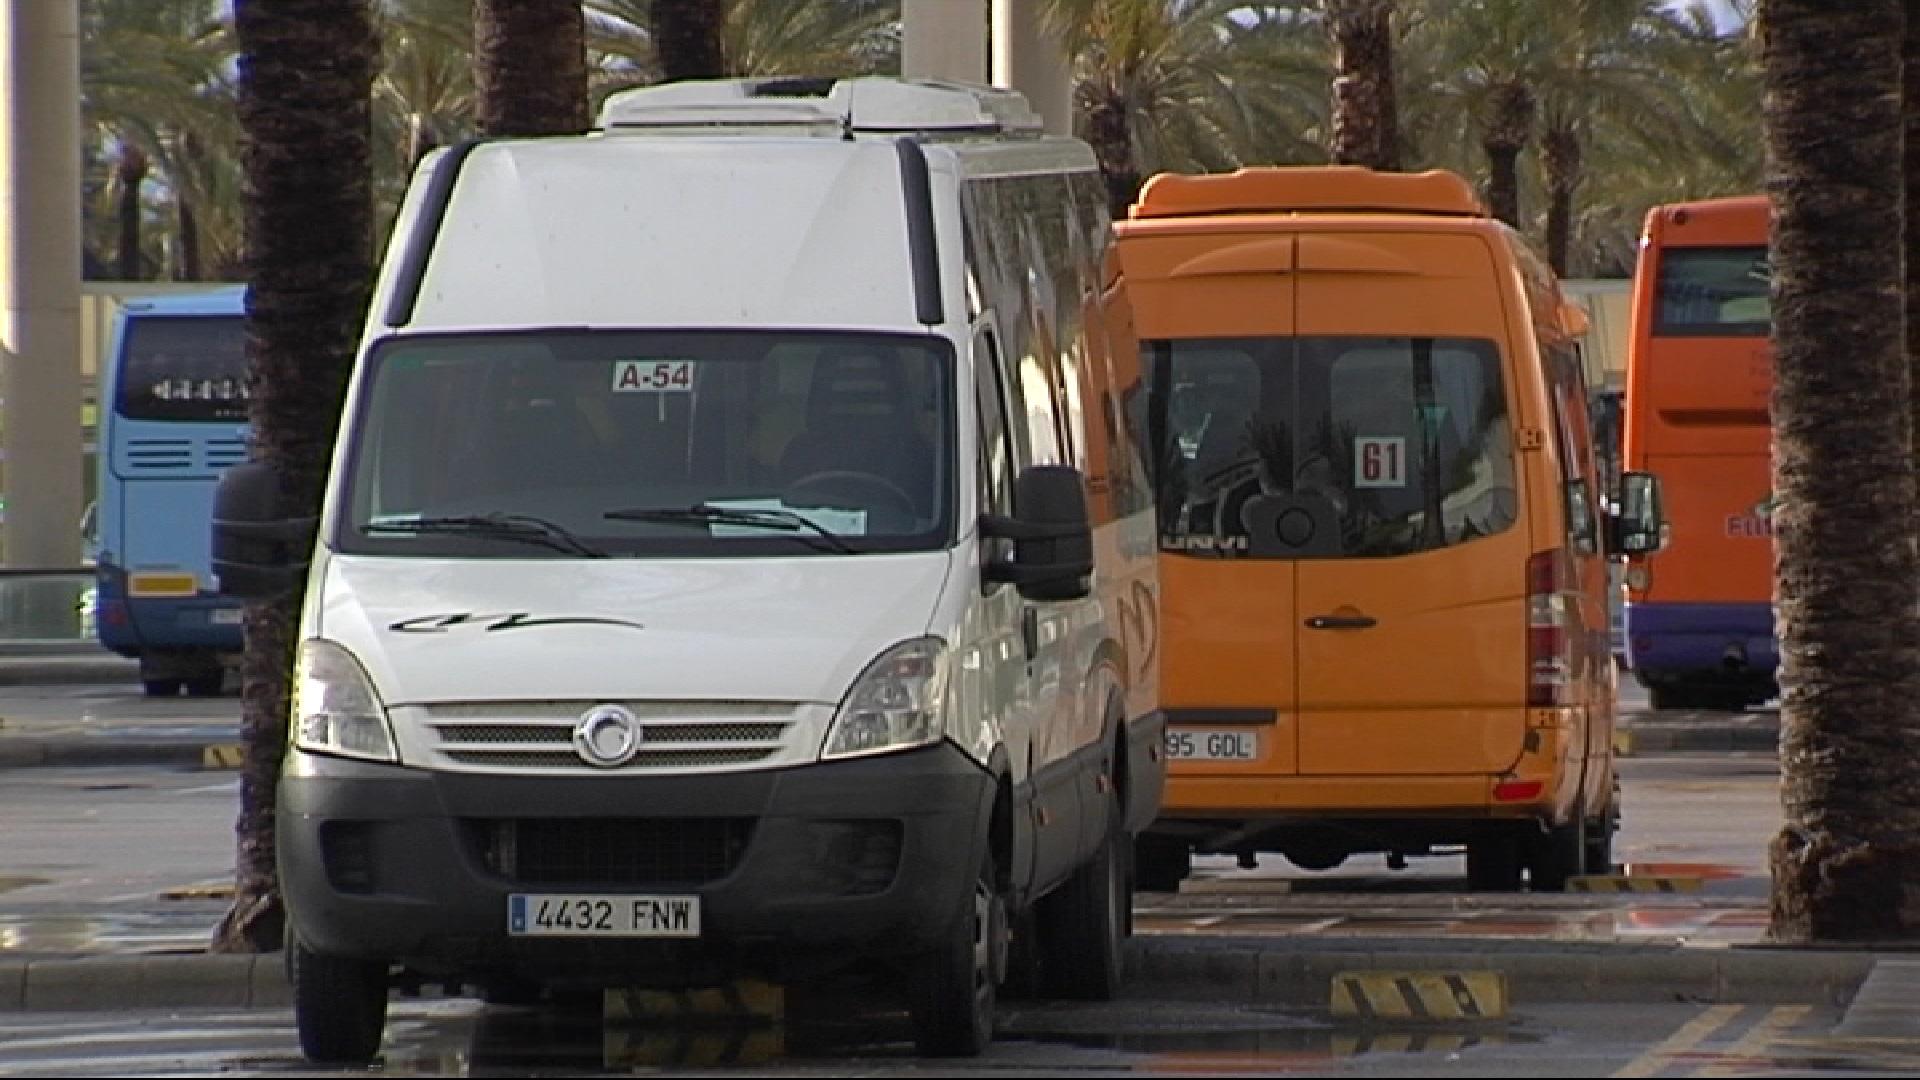 La+patronal+del+transport+demana+una+abaixada+d%27imposts